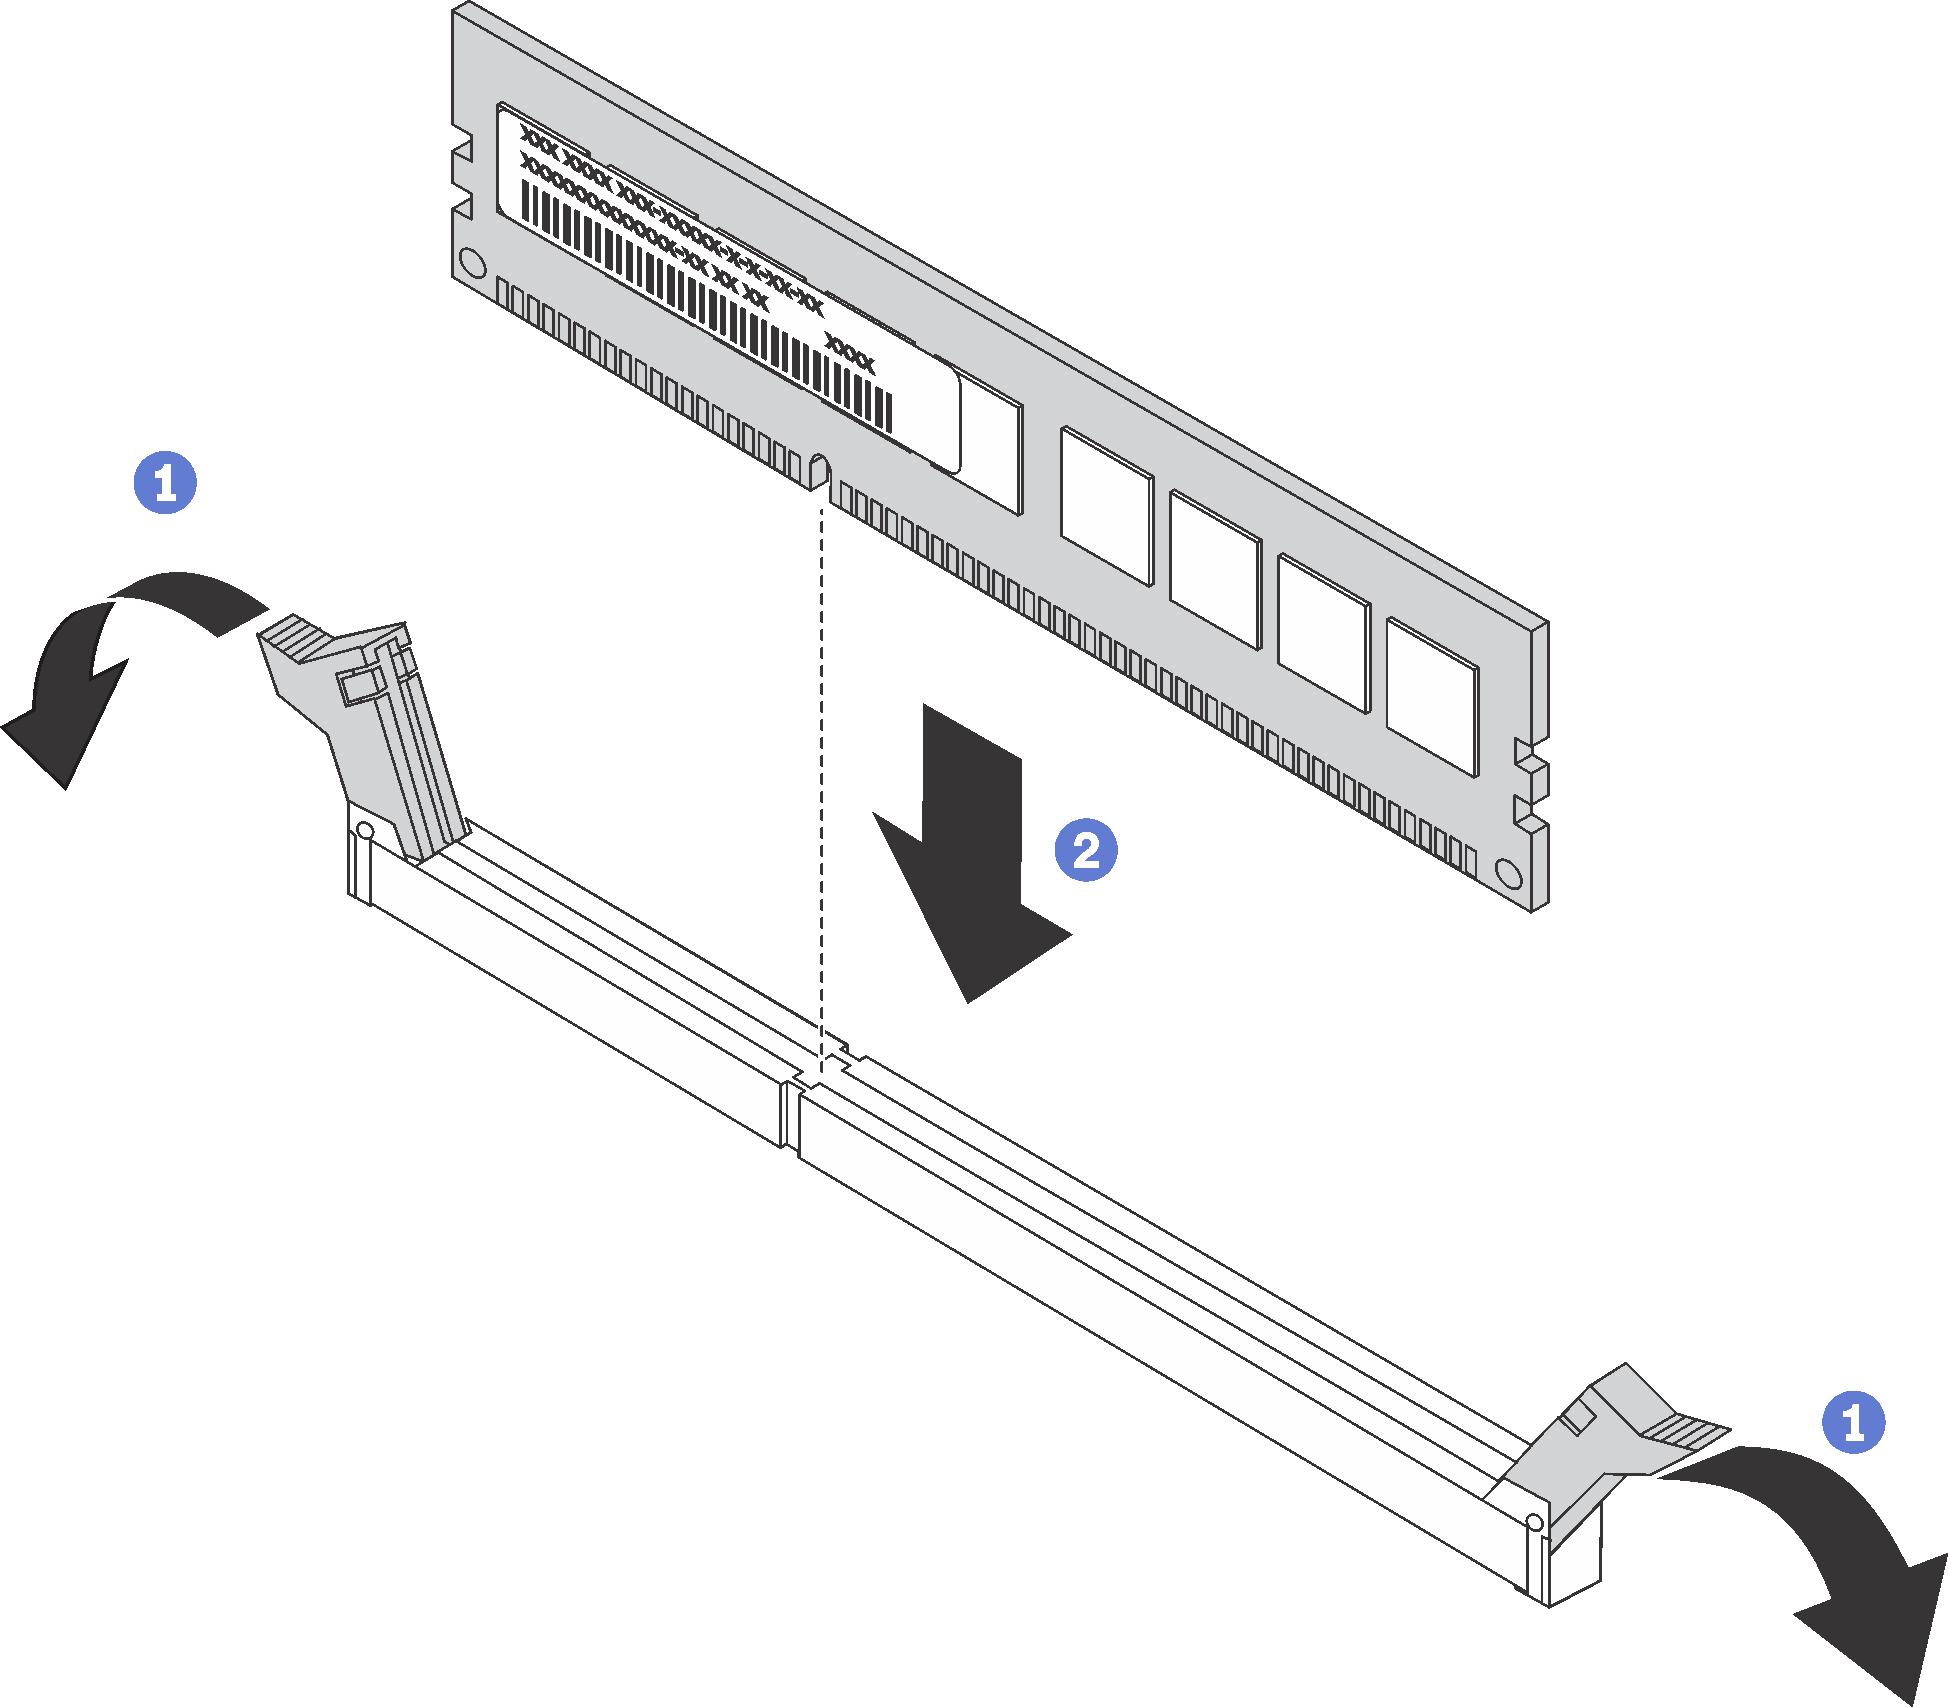 Comment insérer une barrette de RAM